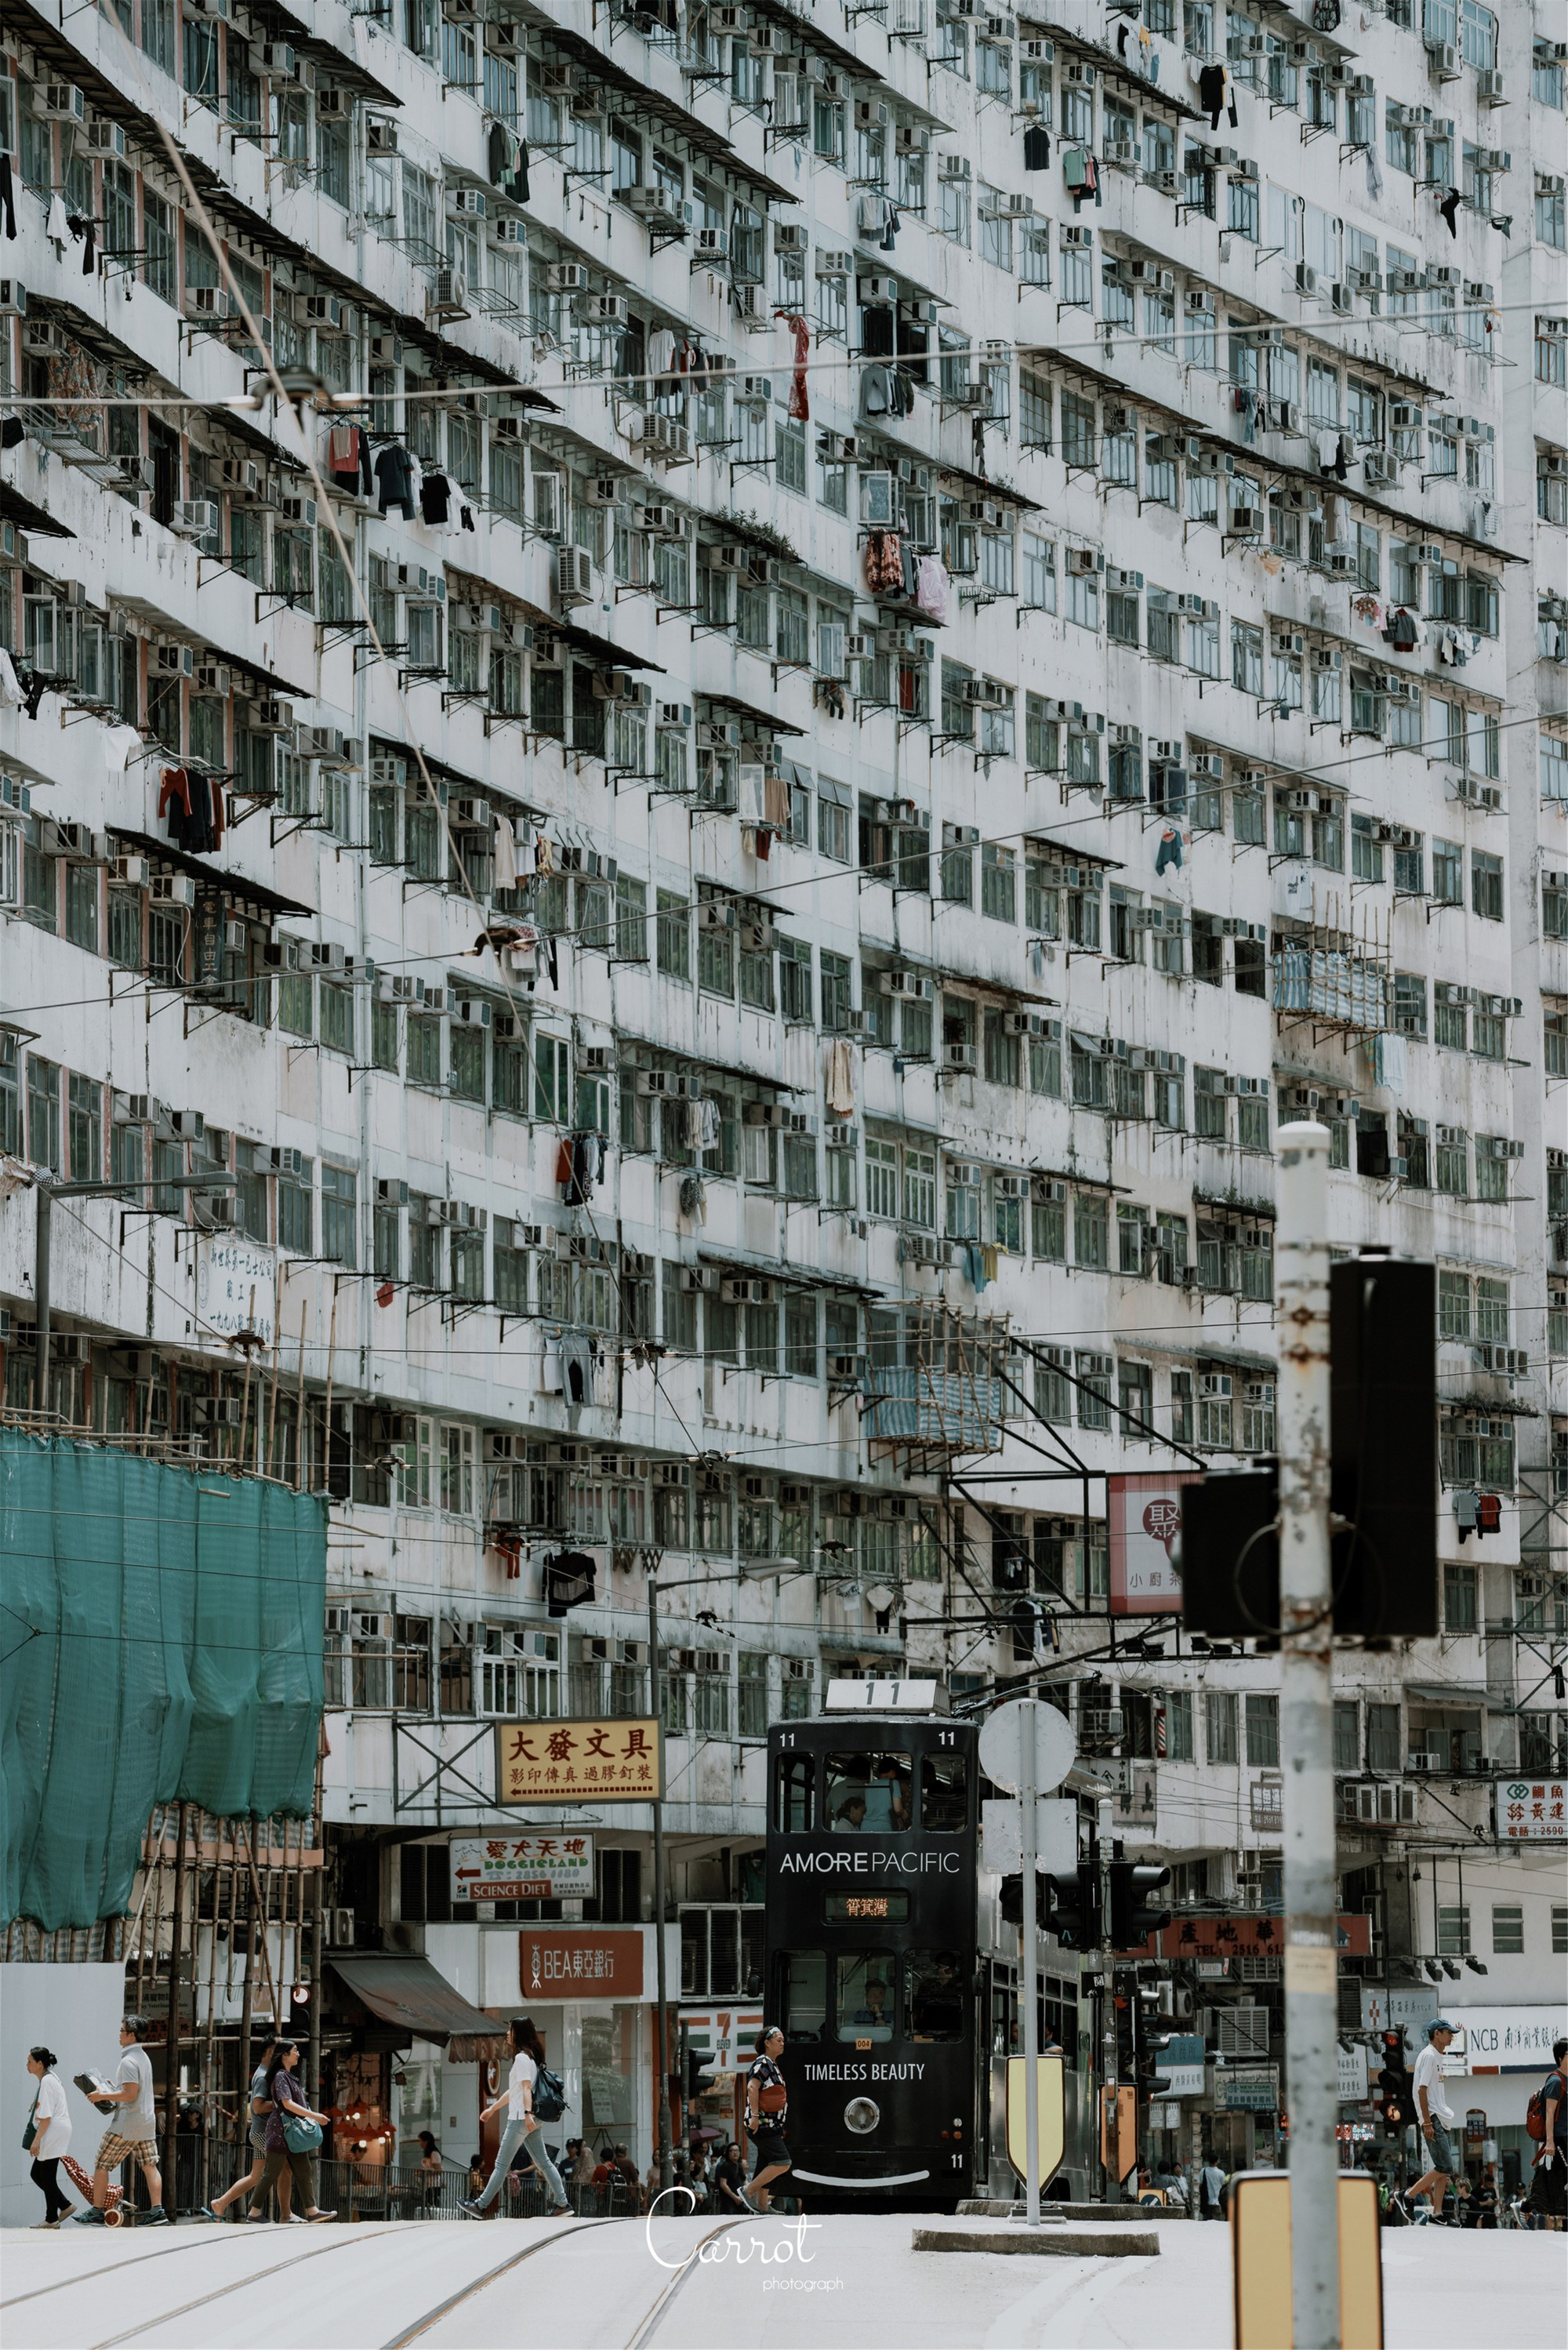 Bộ ảnh: Ngắm nhìn vẻ đẹp hoài cổ của những chiếc xe điện trăm năm tuổi của Hongkong - Ảnh 7.